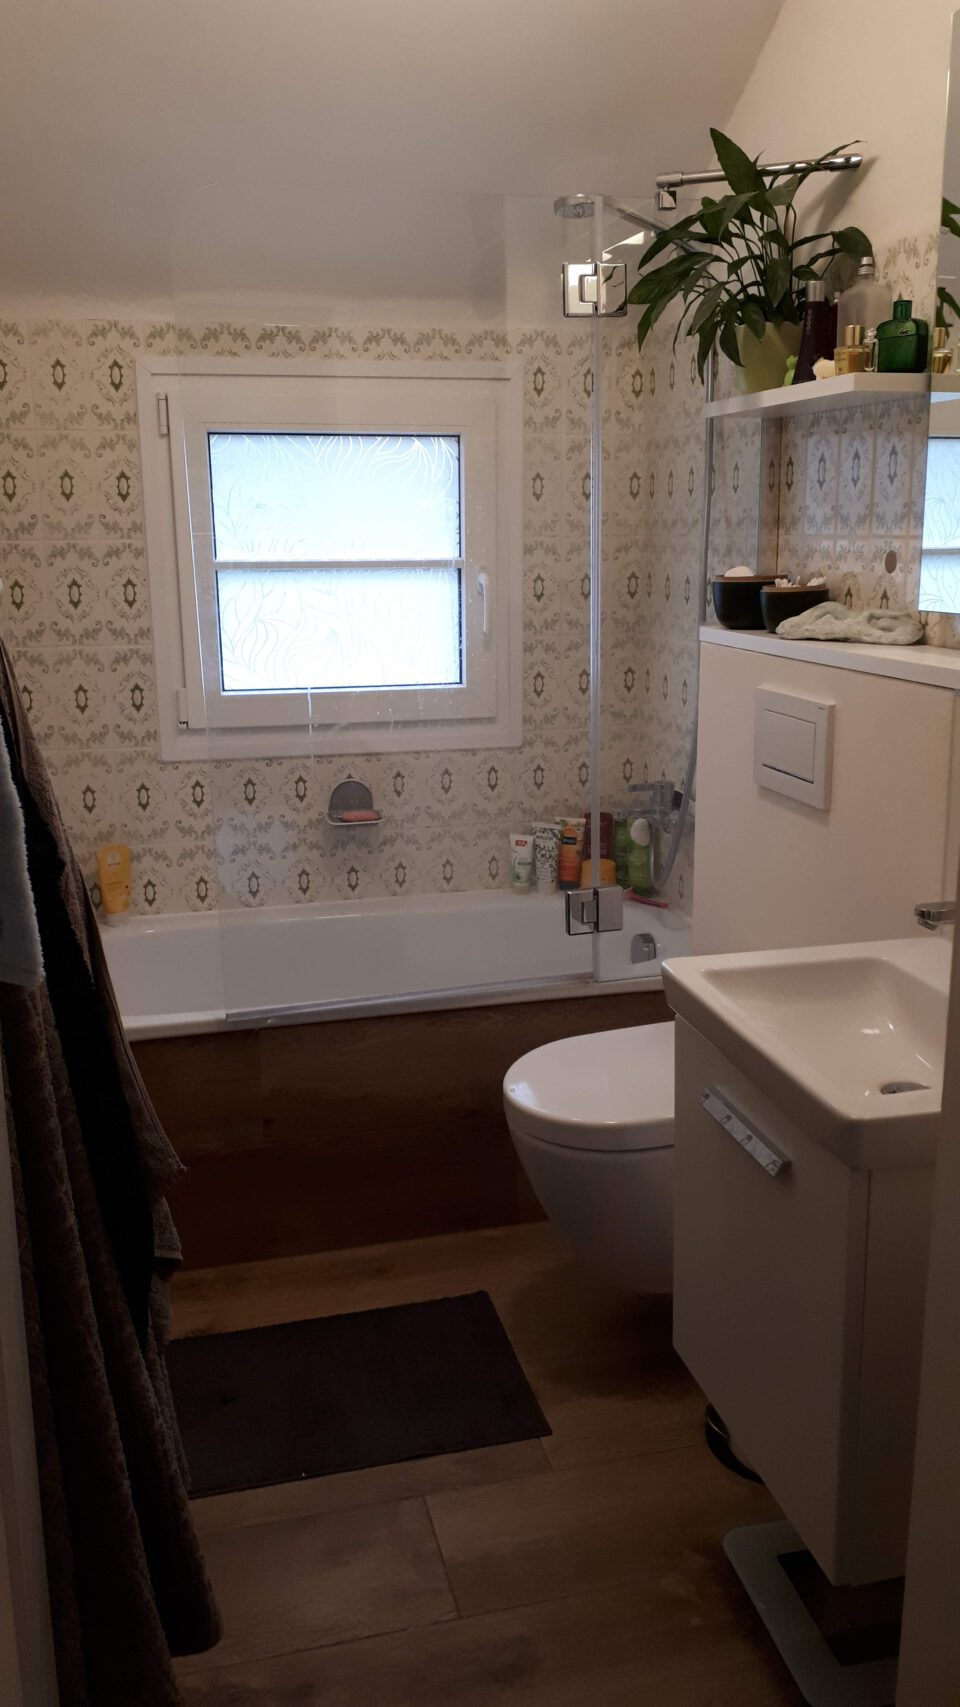 Das kleine Badezimmer für Kinder und Gäste nach der Sanierung.